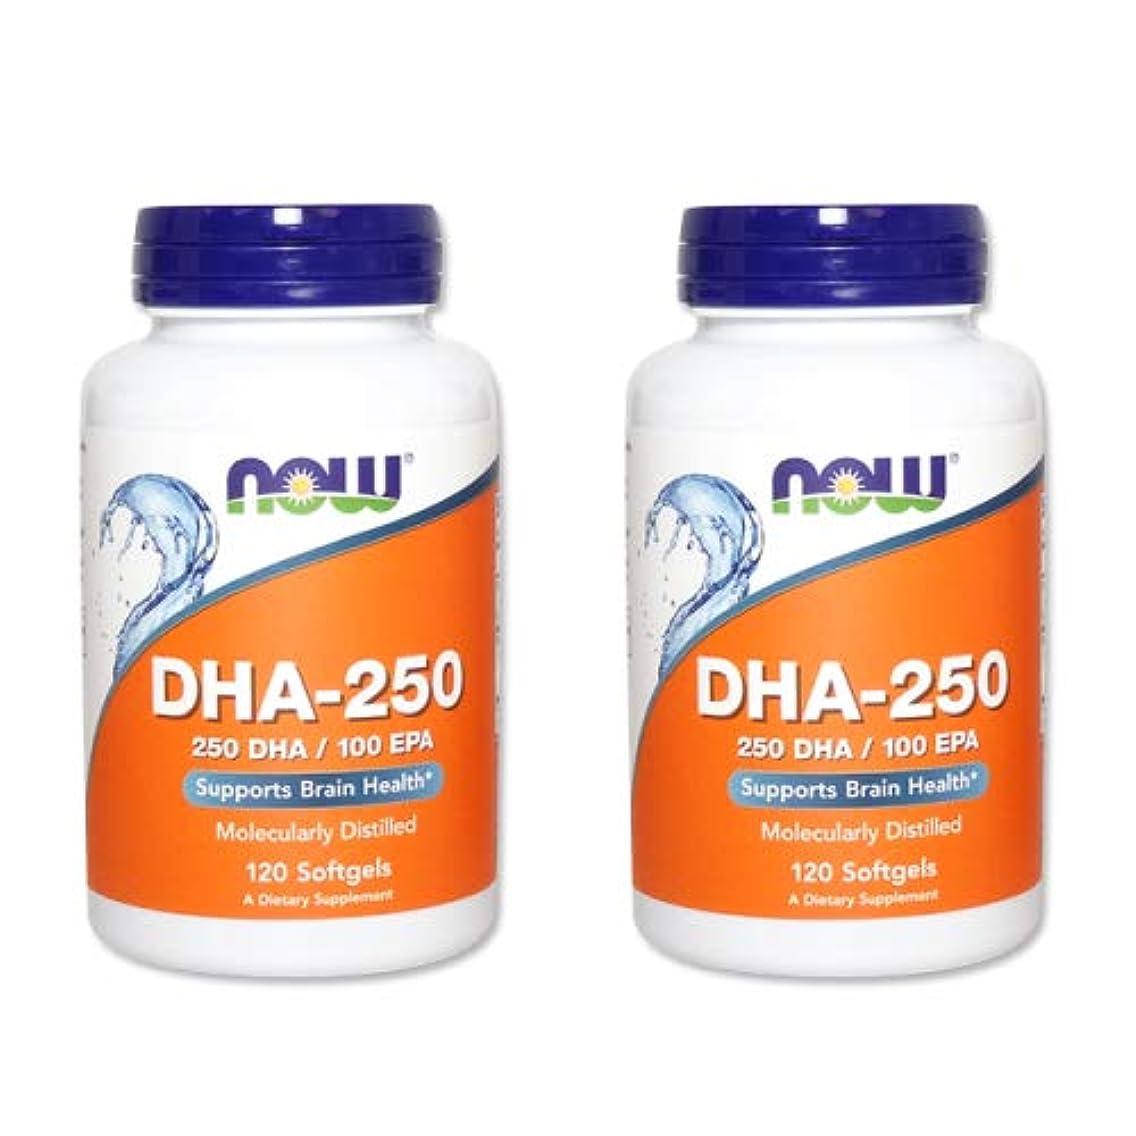 部屋を掃除する適用する怒って【2個セット】【粒小さめ低含有タイプ】DHA-250 120粒(DHA&EPA配合) [海外直送品]